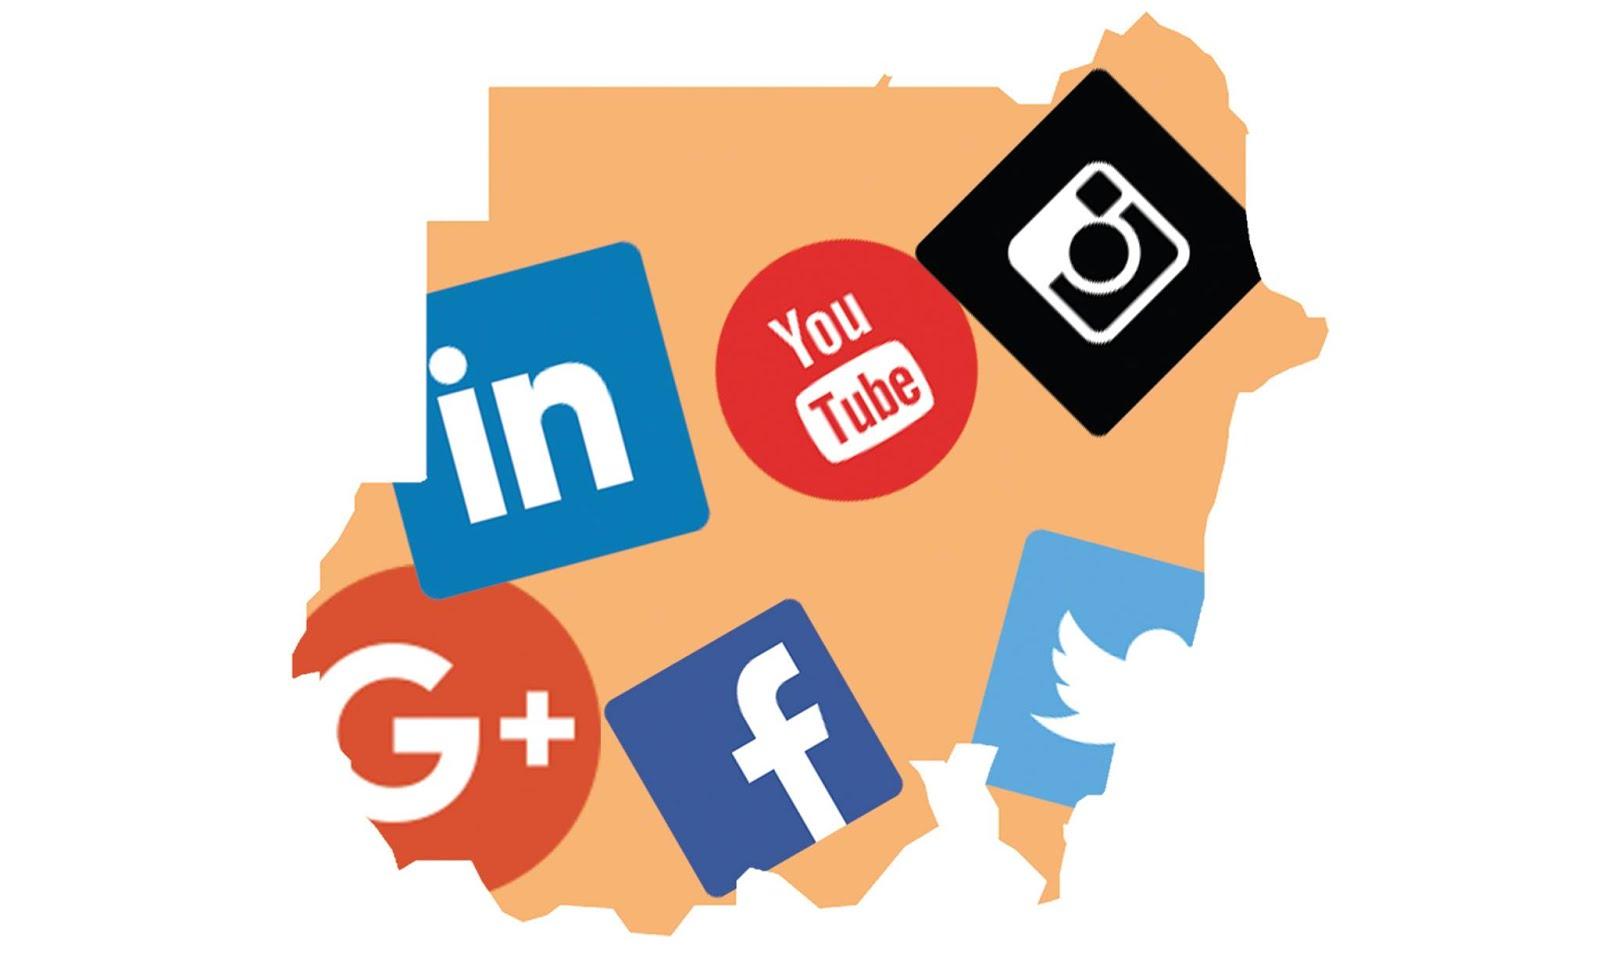 حمل الان تقرير الاعلام الاجتماعي للعام 2015